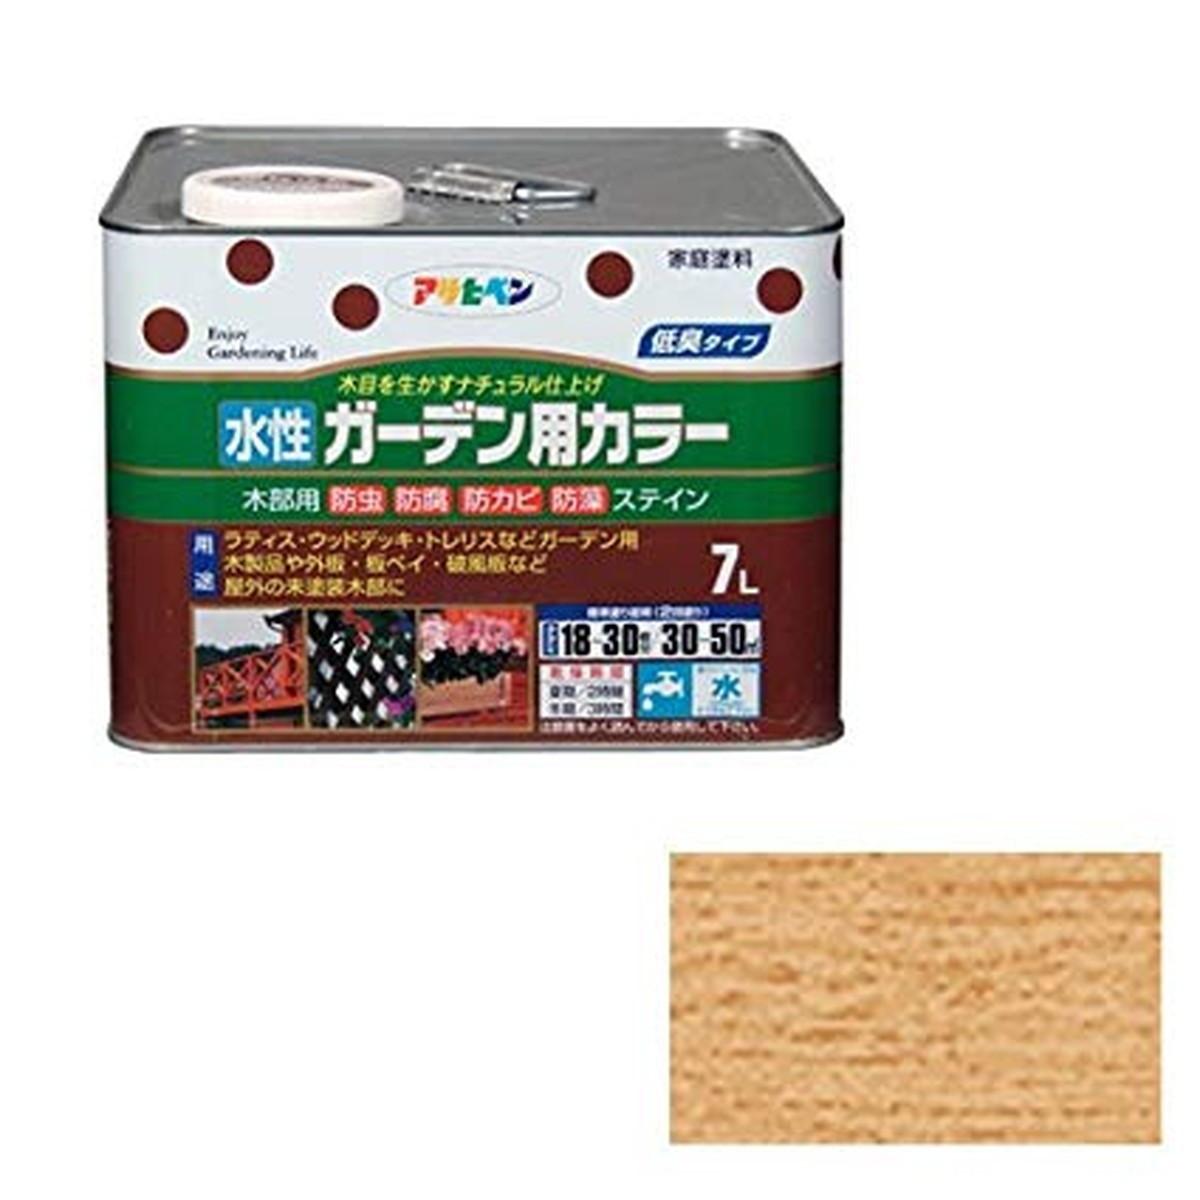 アサヒペン 水性ガーデン用カラー 透明(クリヤ) 7L【クーポン配布中】